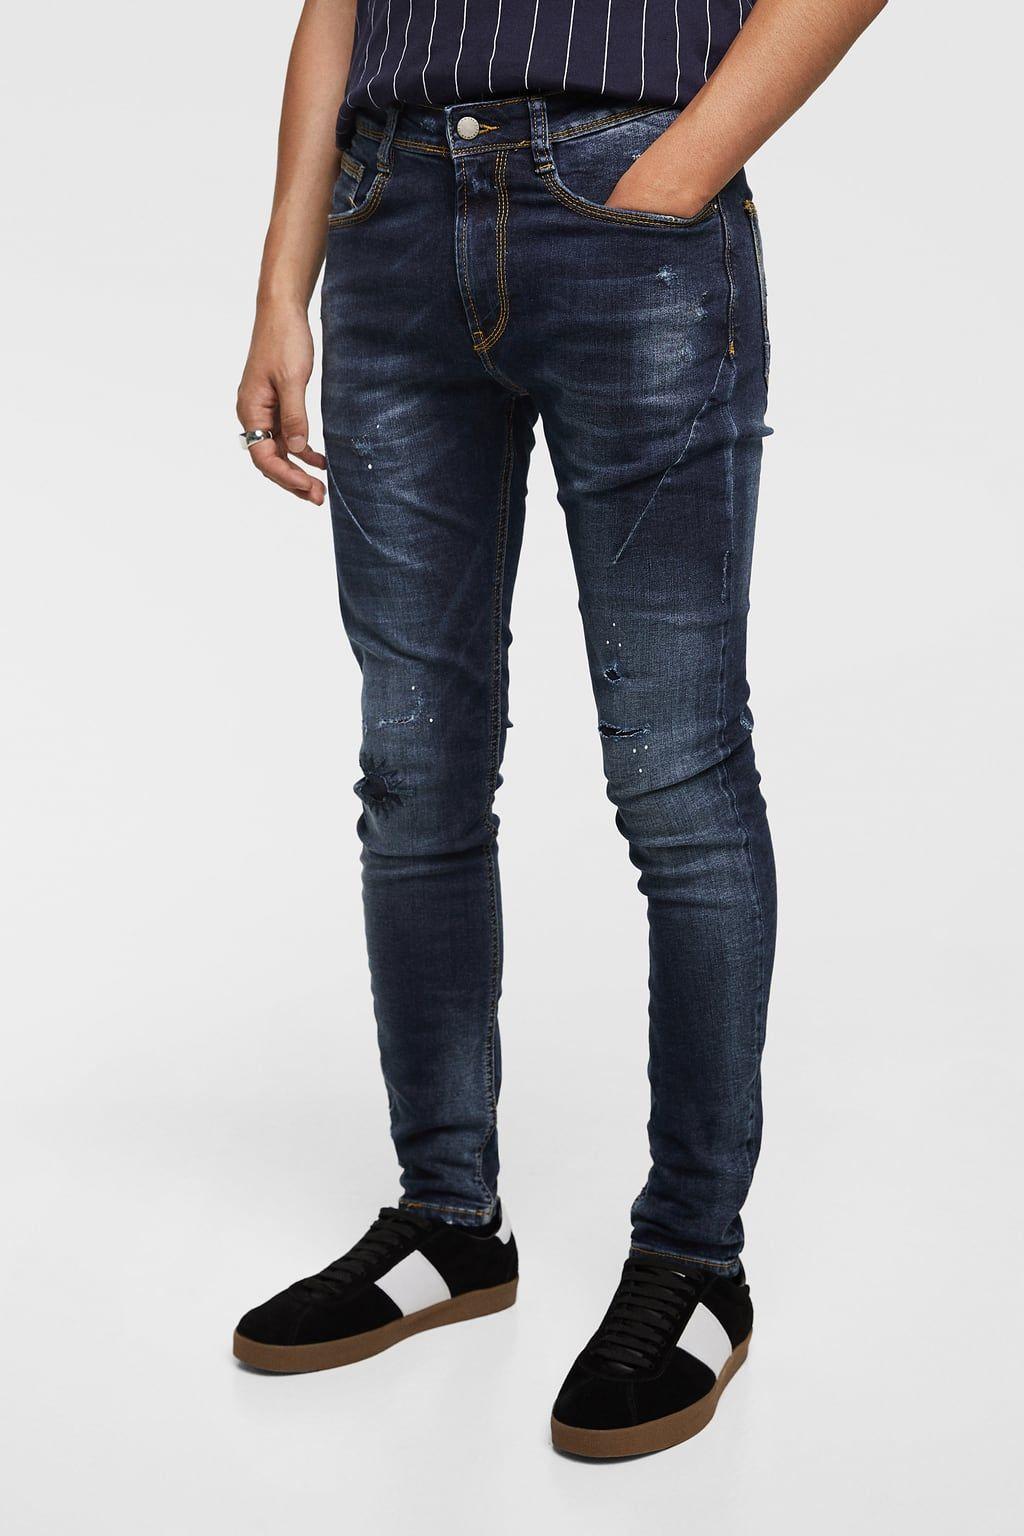 Denim Skinny Pinzas Disponible En Mas Colores Ropa Casual Hombres Ropa Casual Hombre Maduro Jeans Para Hombre